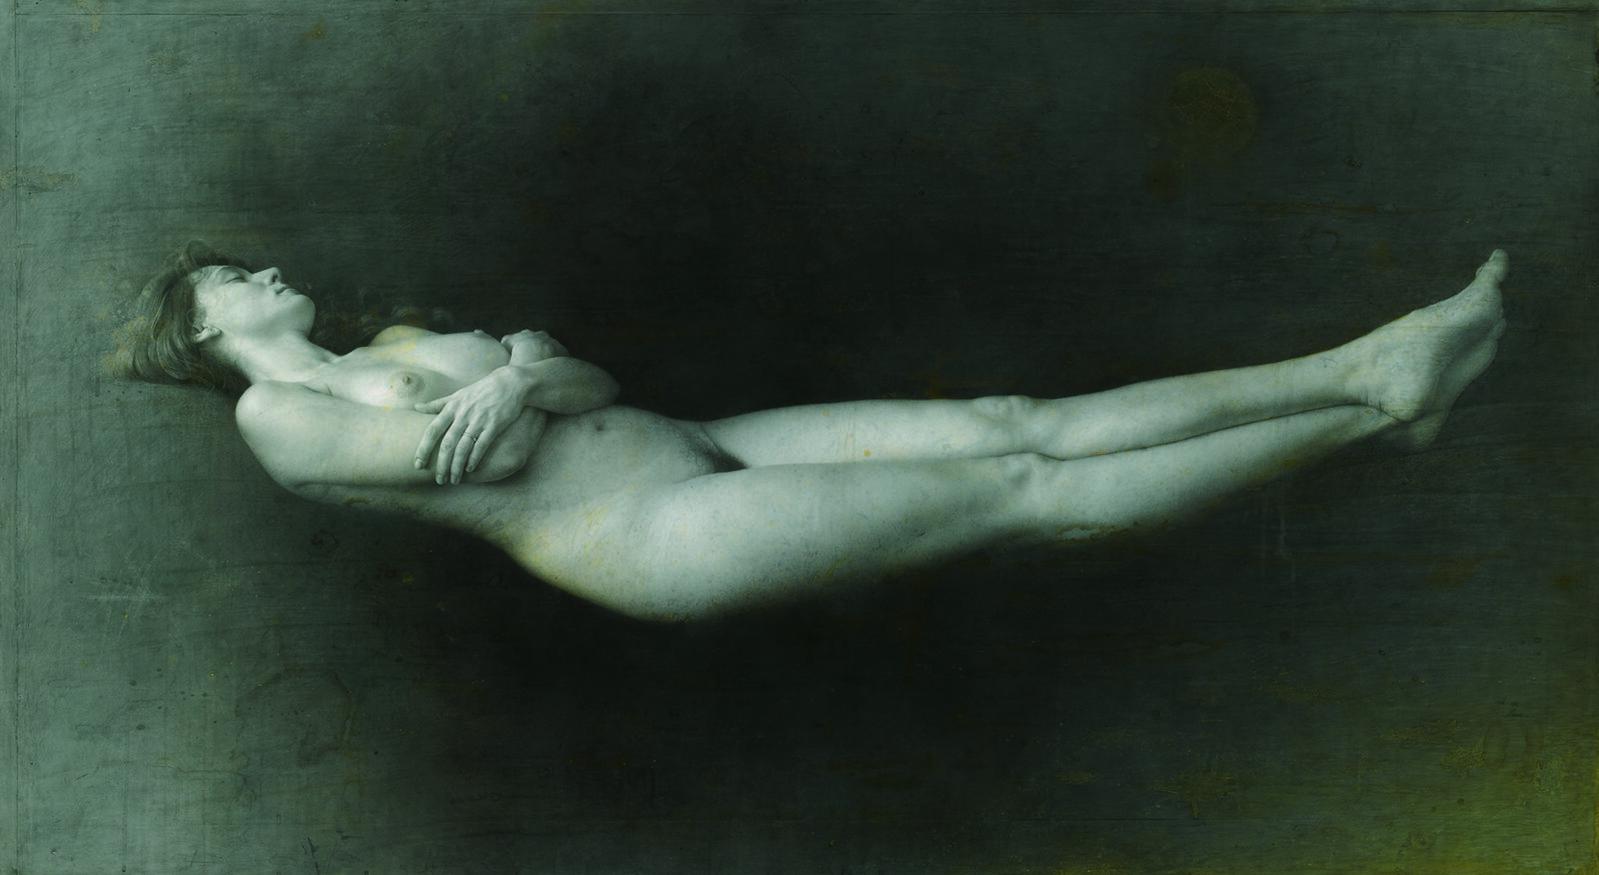 磯江毅《深い眠り》(1994-95年)